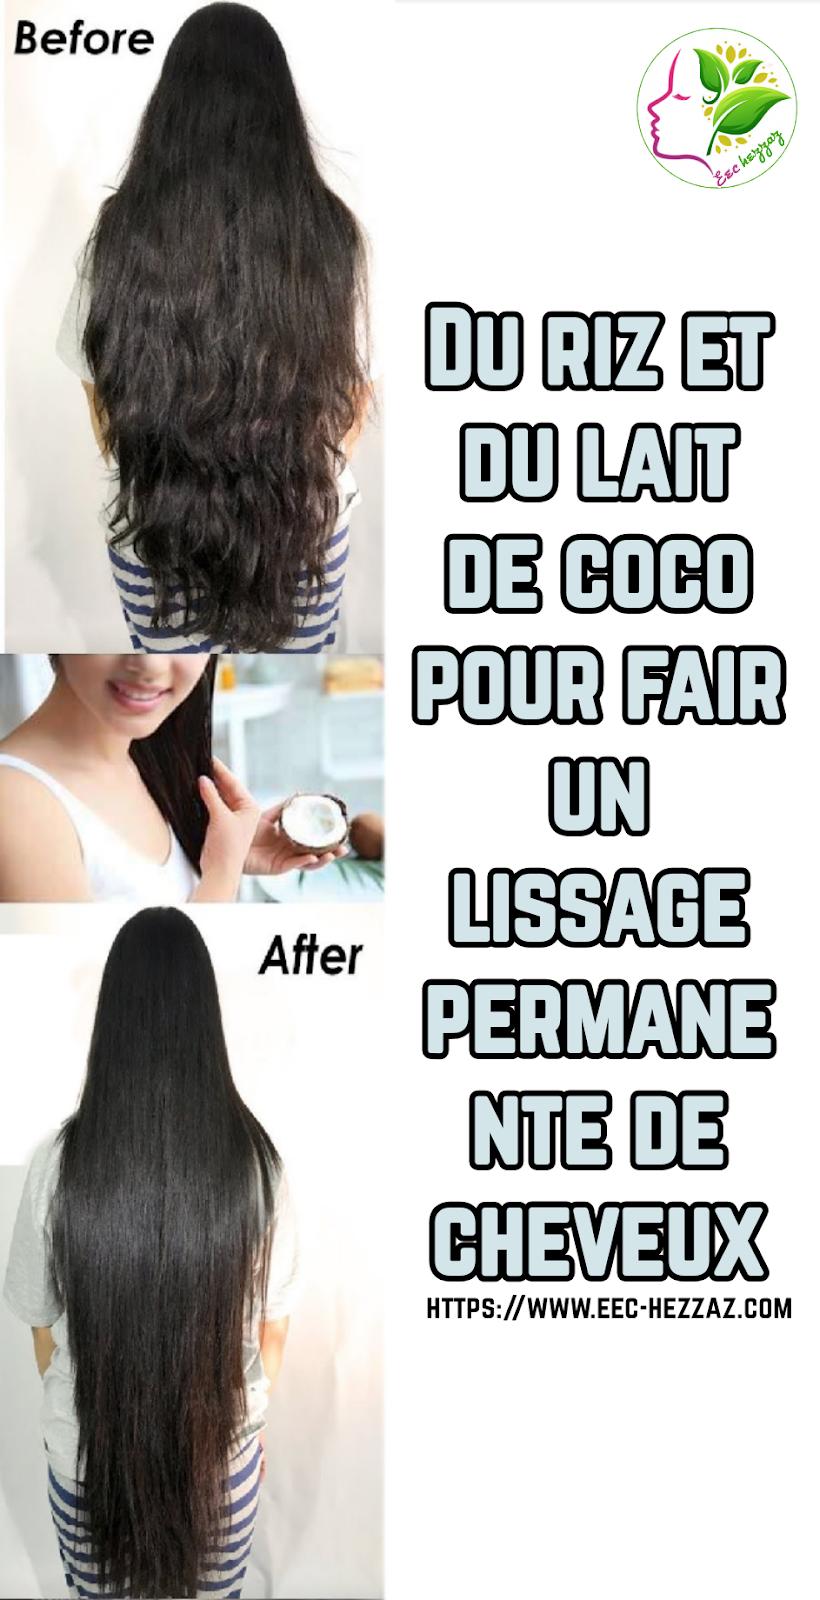 Du riz et du lait de coco pour fair un lissage permanente de cheveux